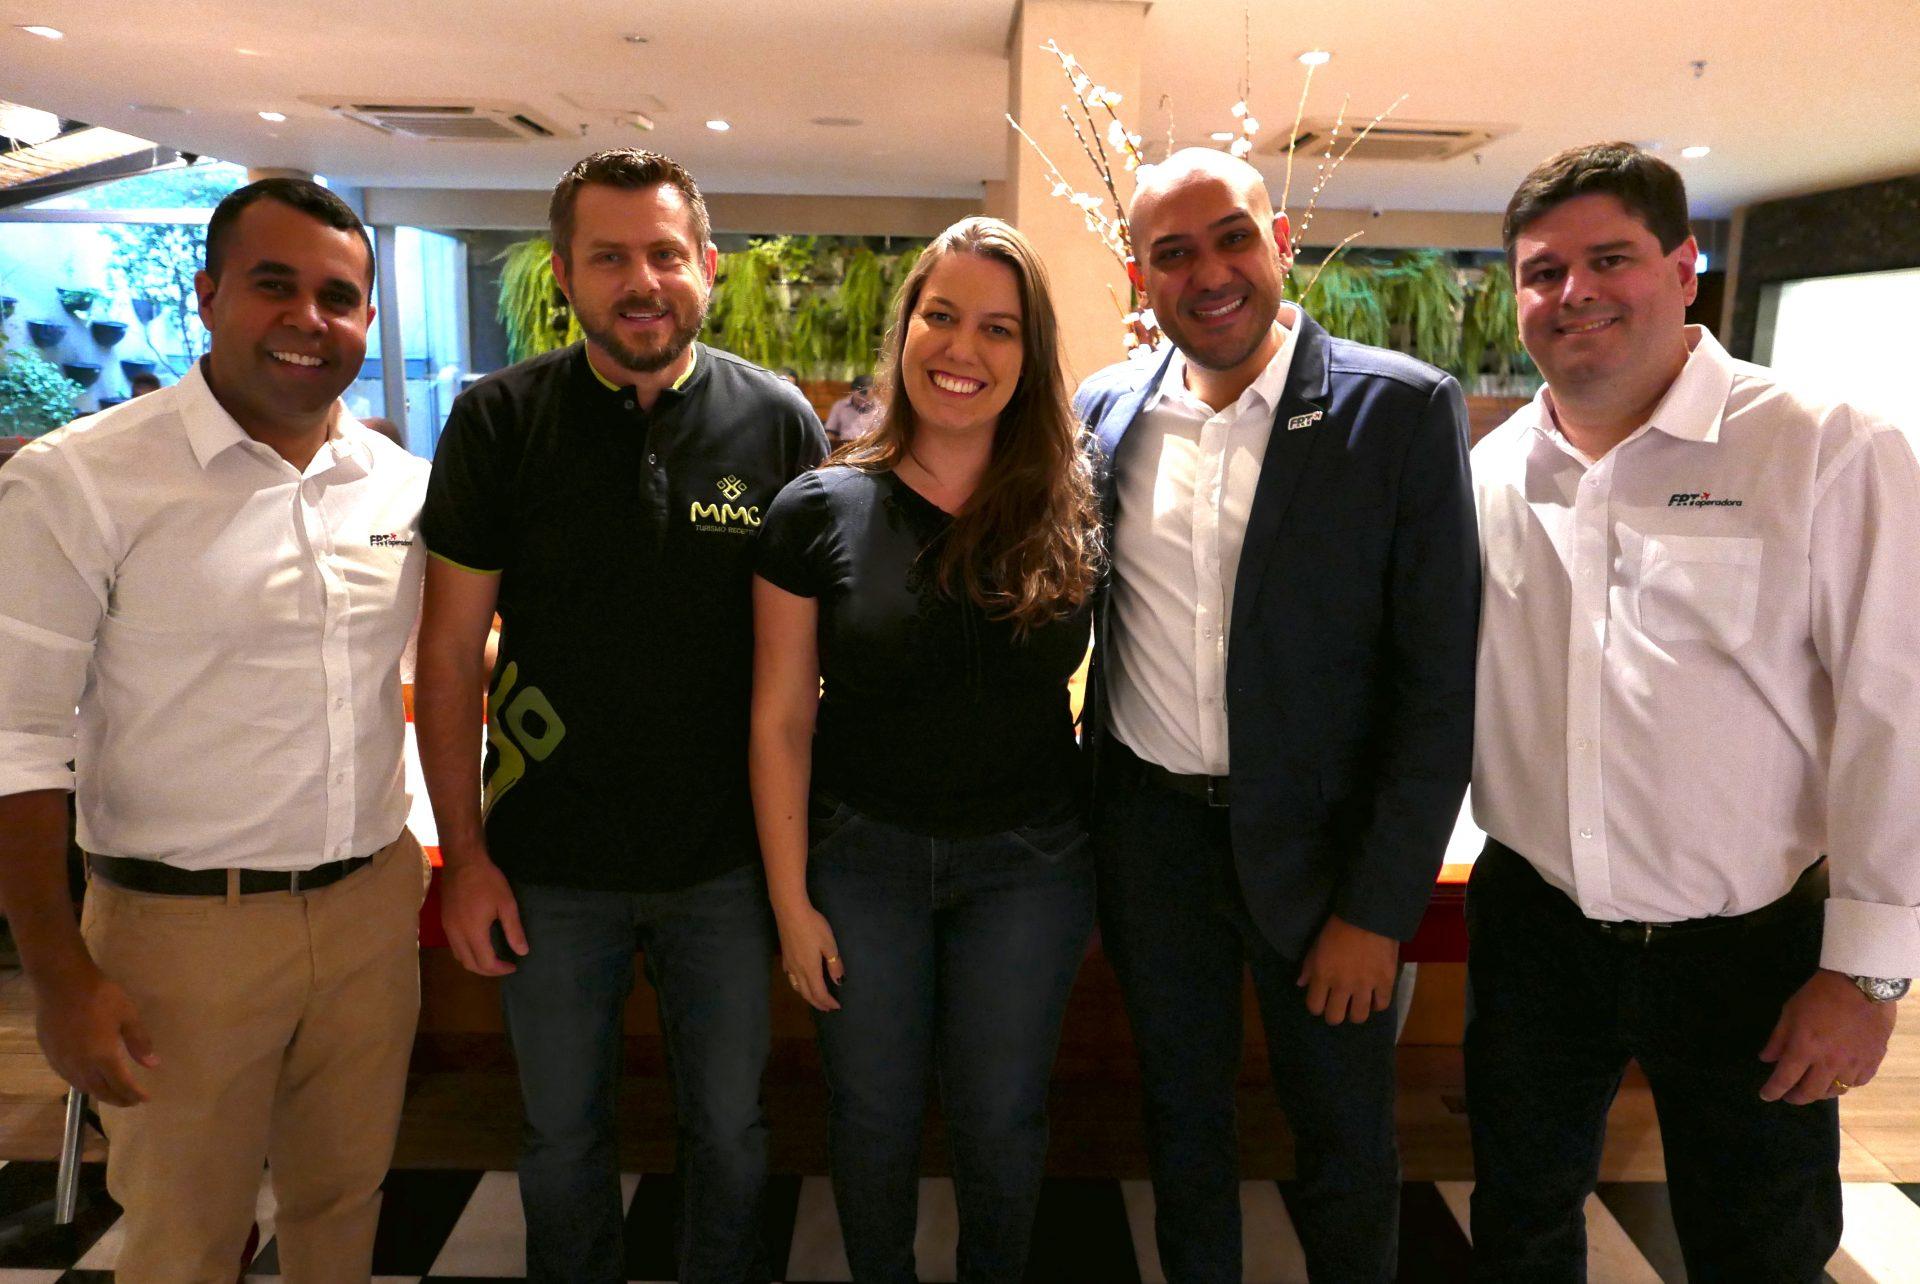 Michelle Moraes, da Atos Viagem, com João Cruz, Douglas Suptitz, Madson Silva e Rodrigo Oliveira